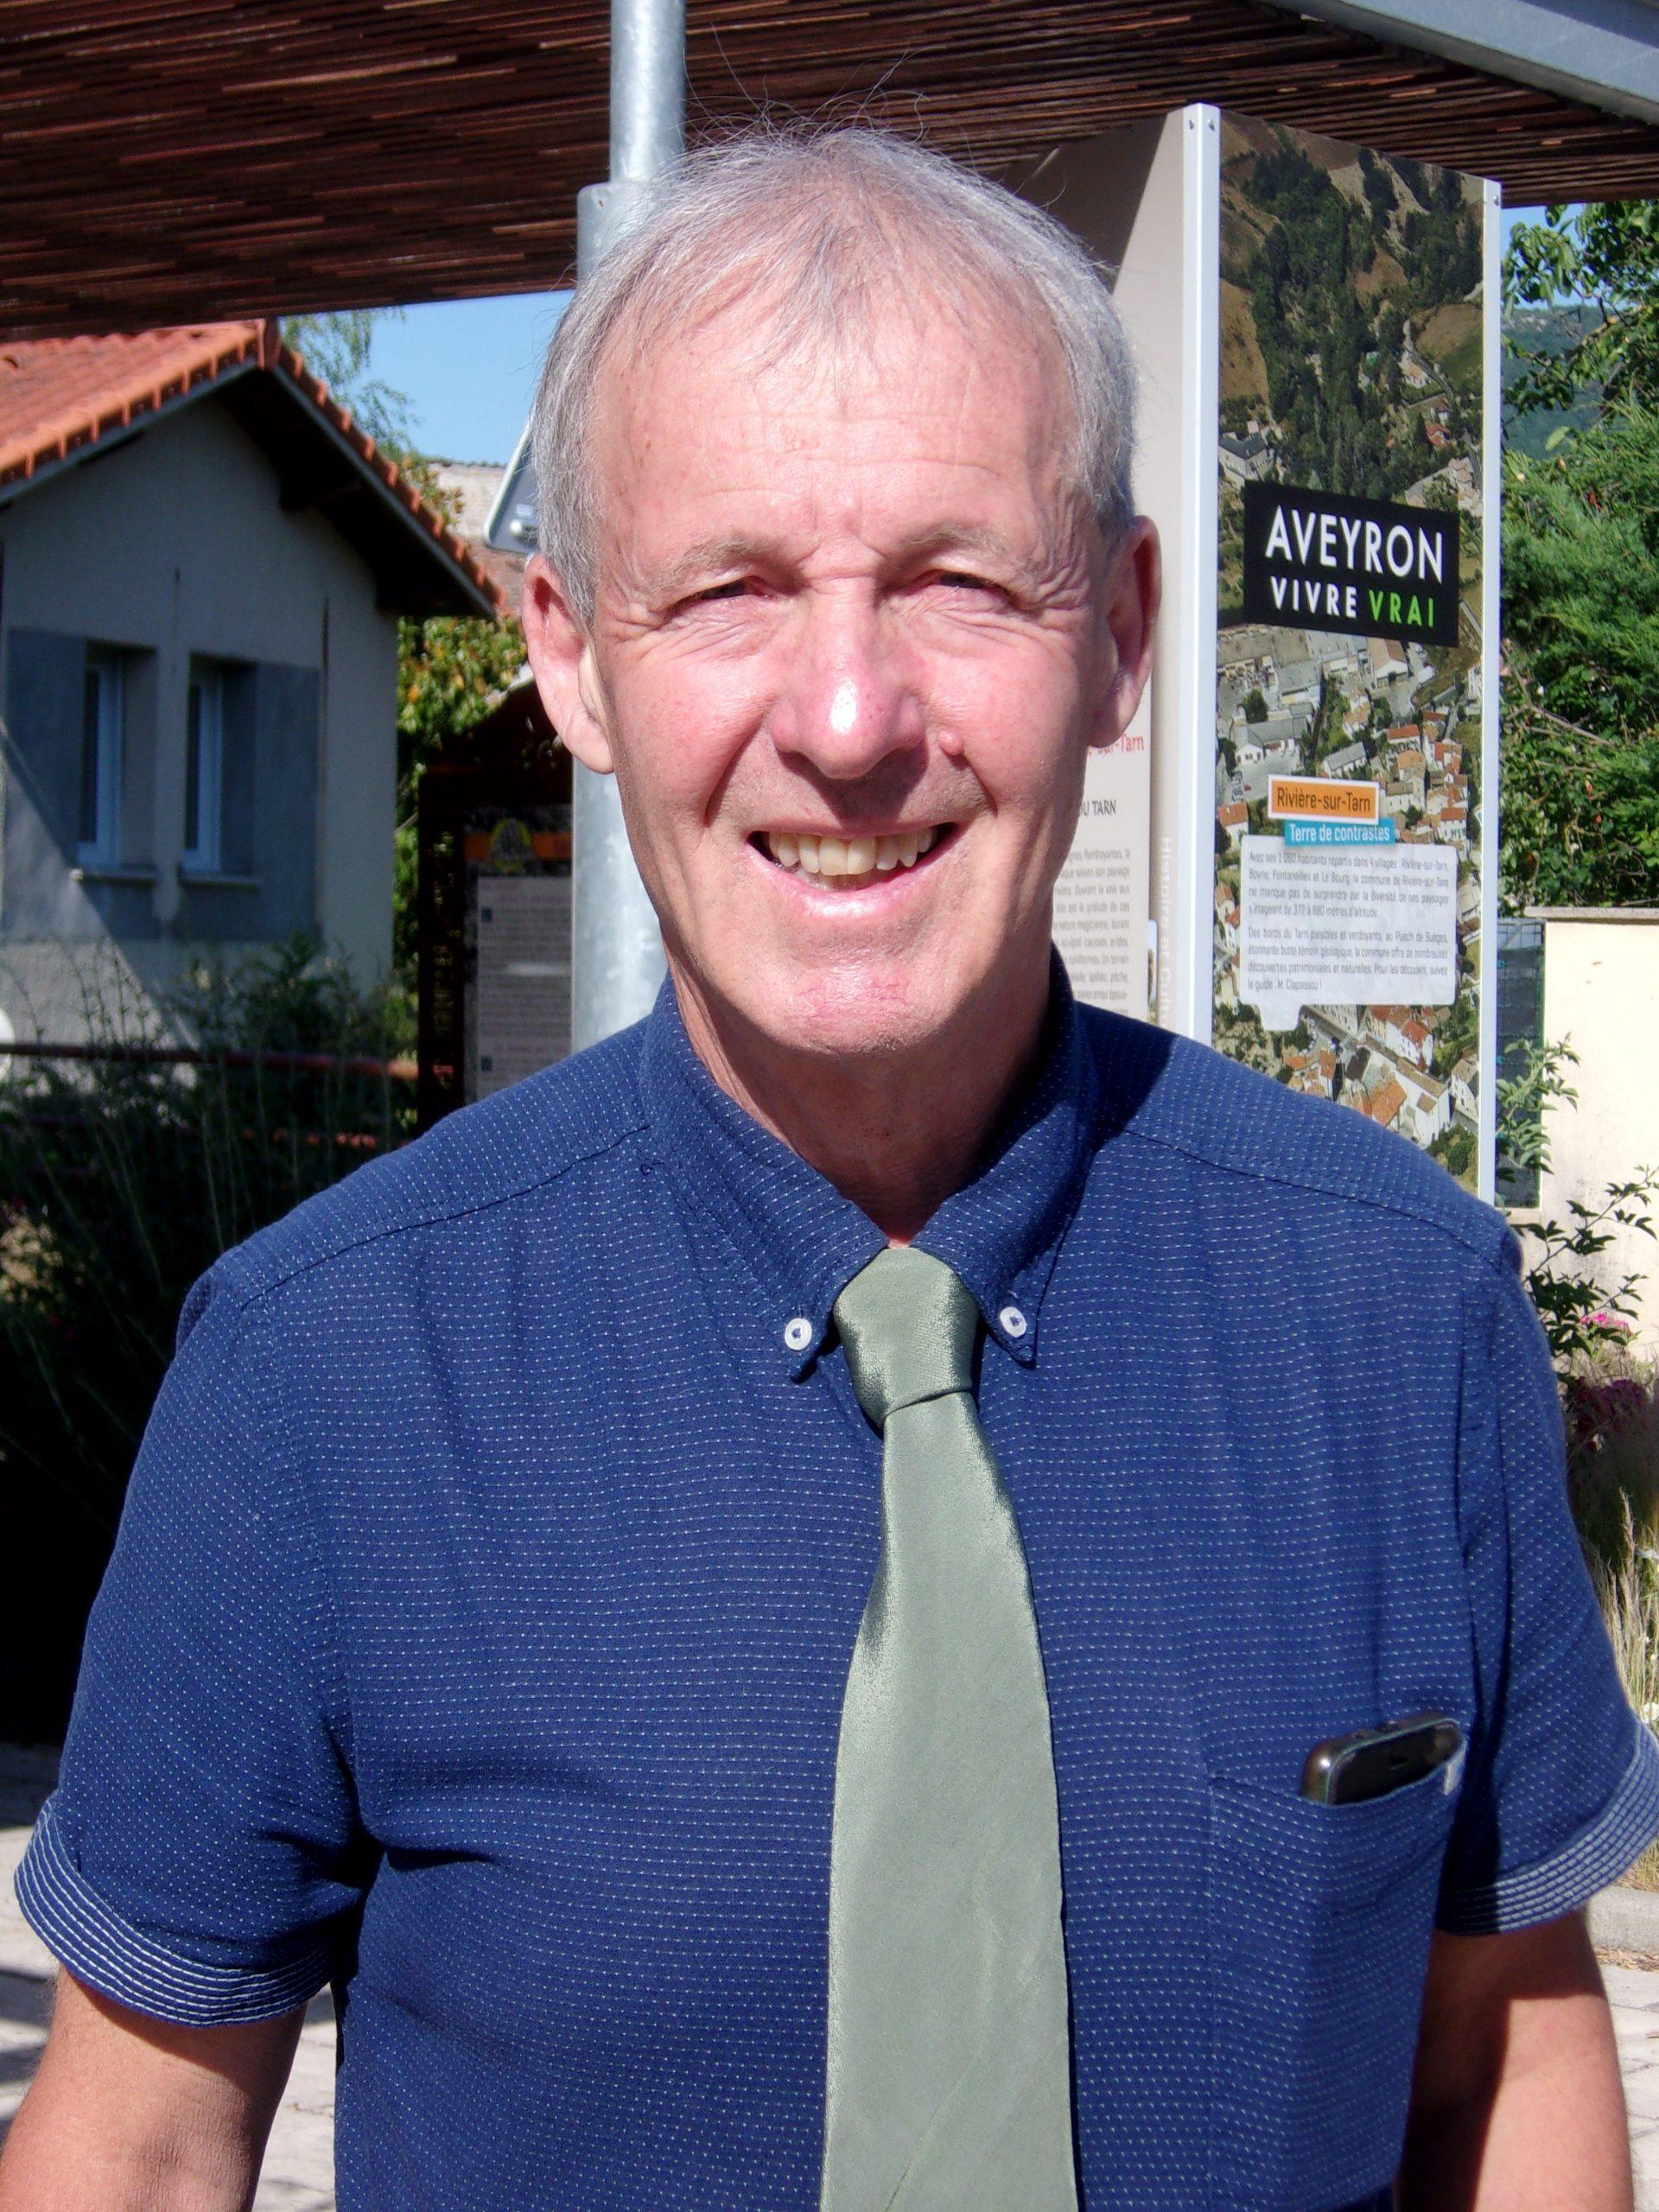 Christian Forir maire de Rivière-sur-Tarn